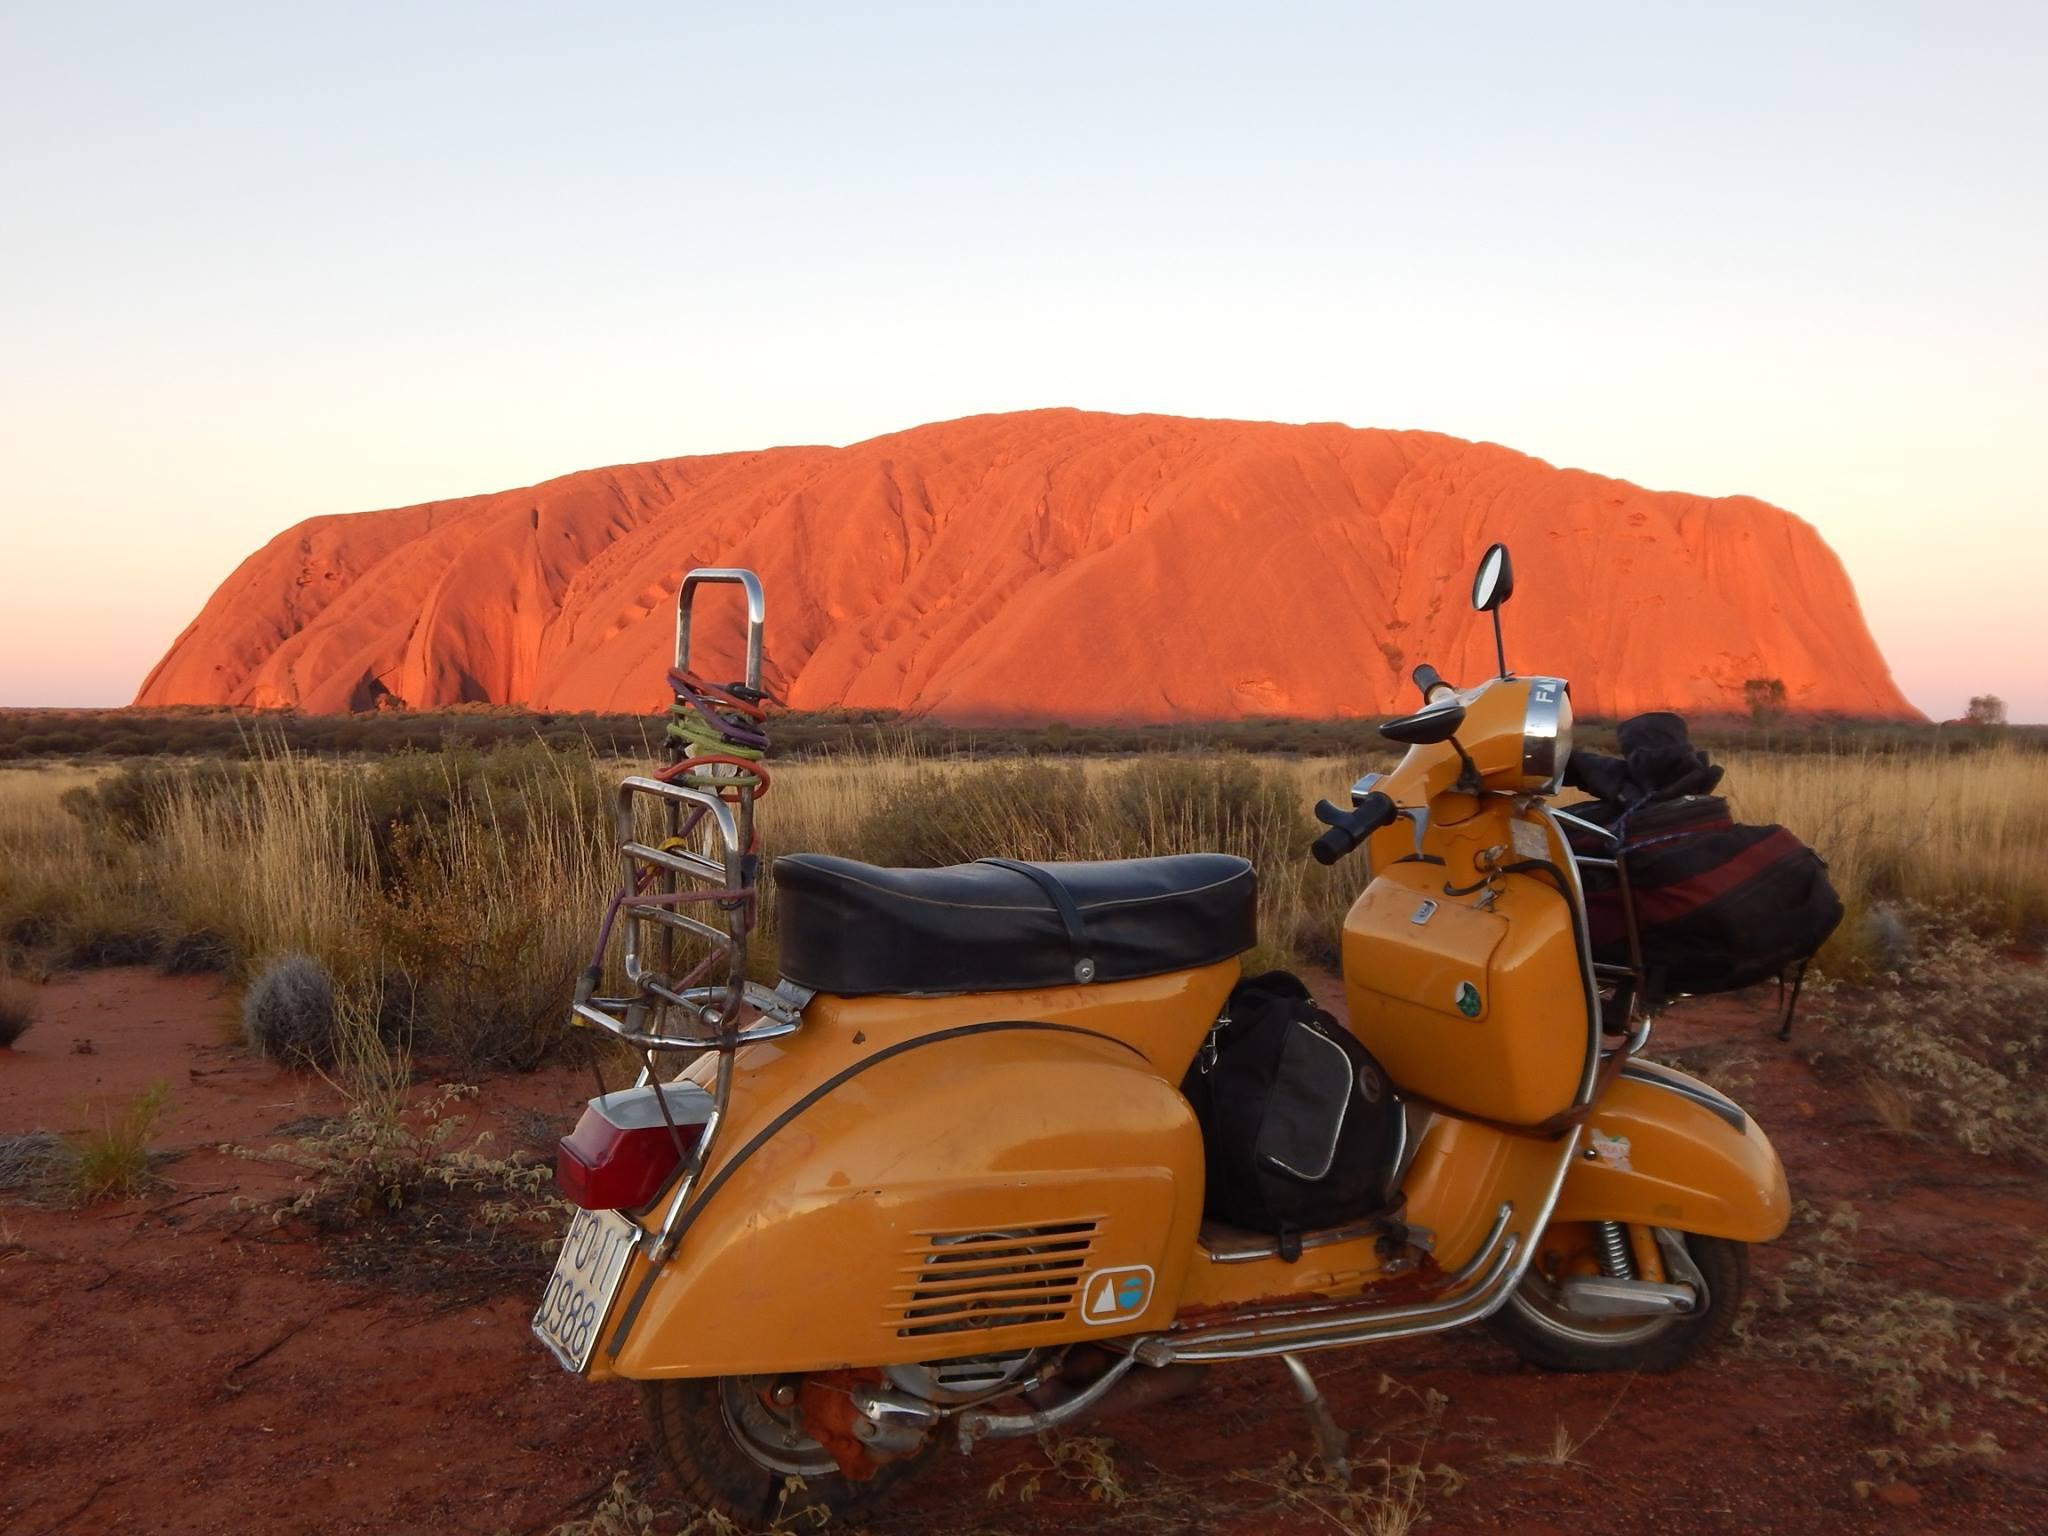 Australia (f  oto di Luca Capocchiano)